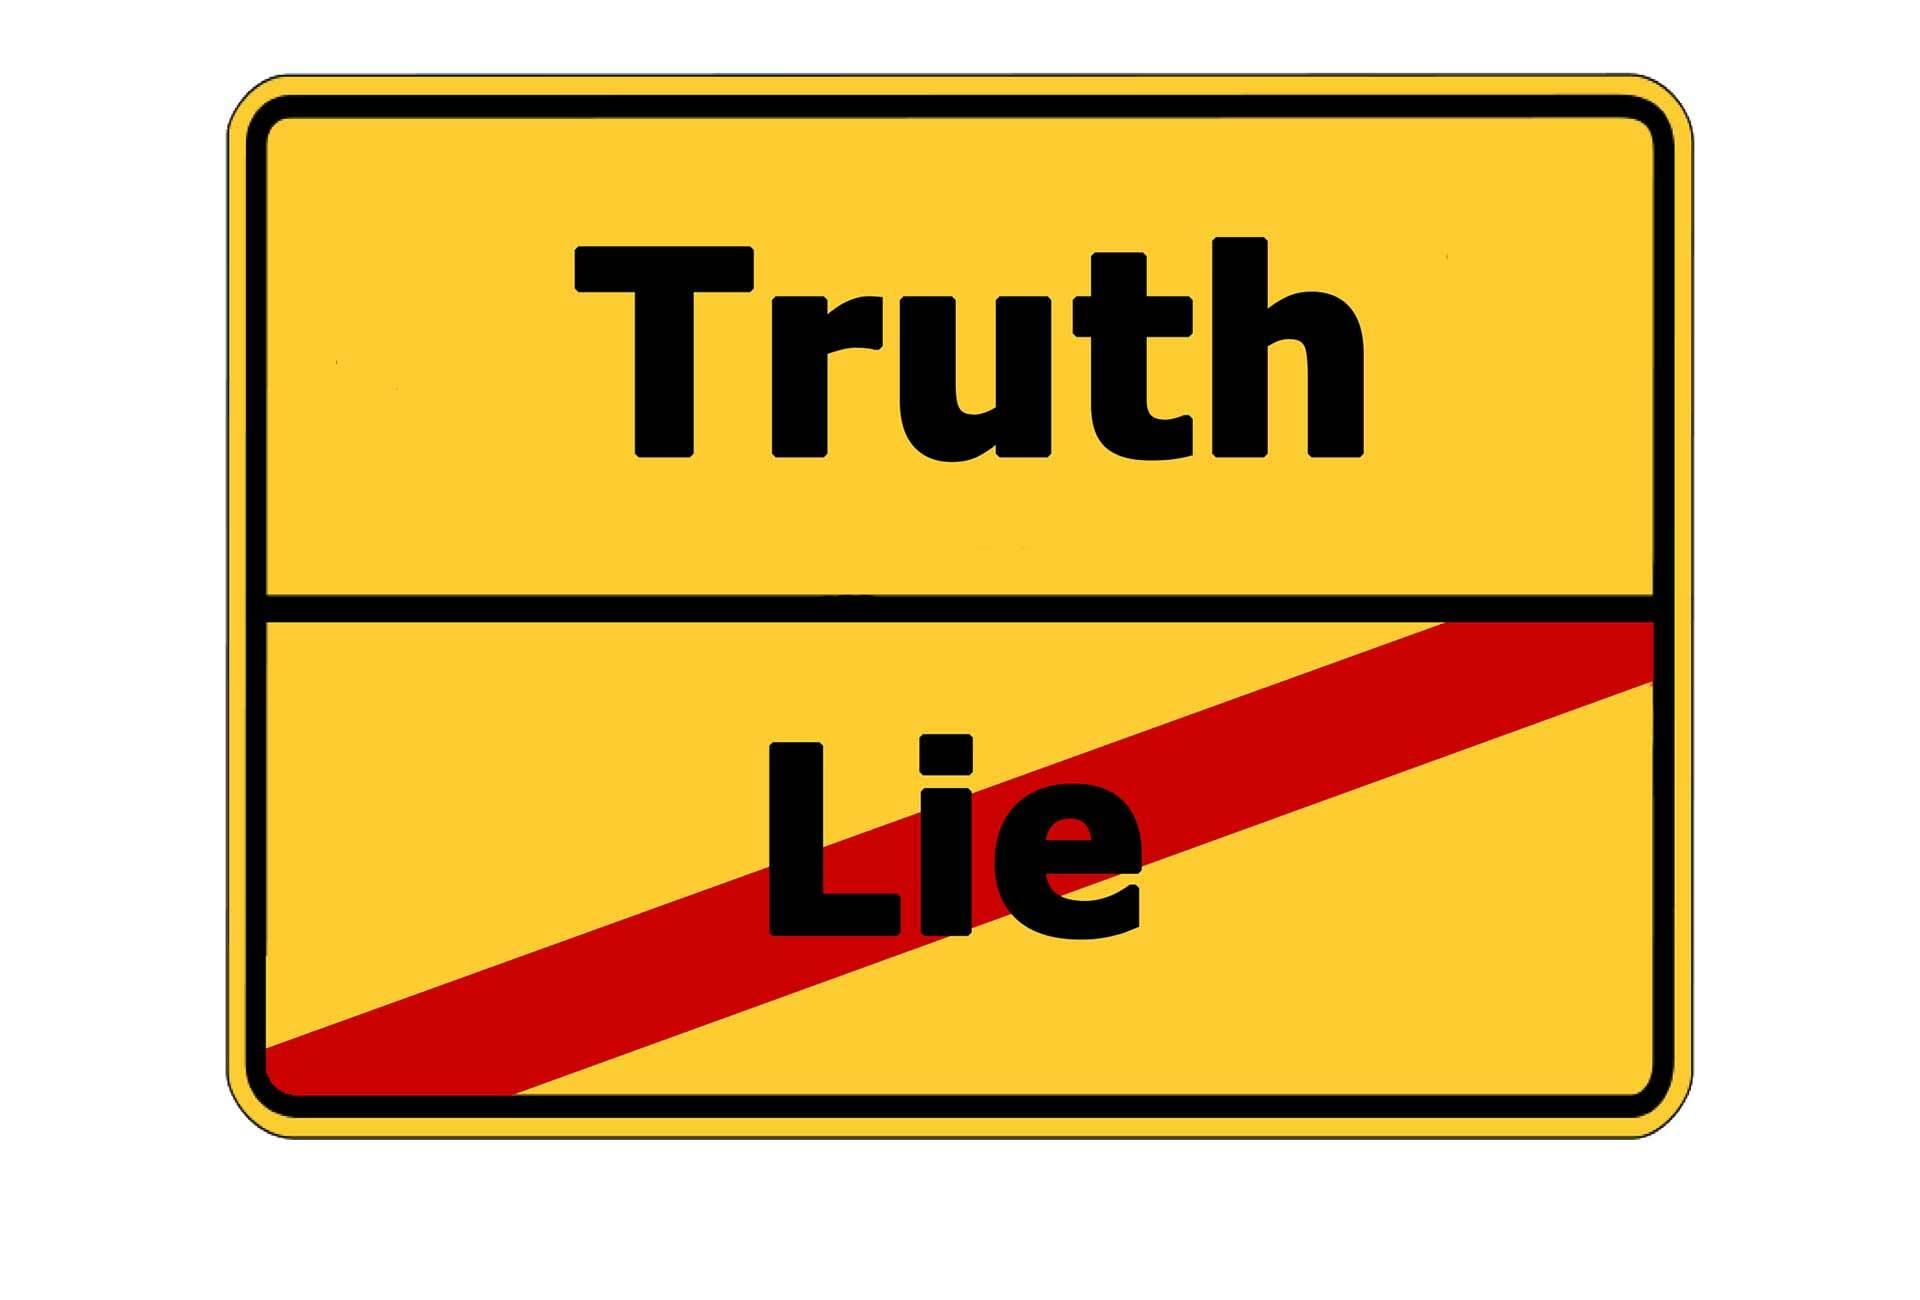 Zwei kennen immer die Wahrheit